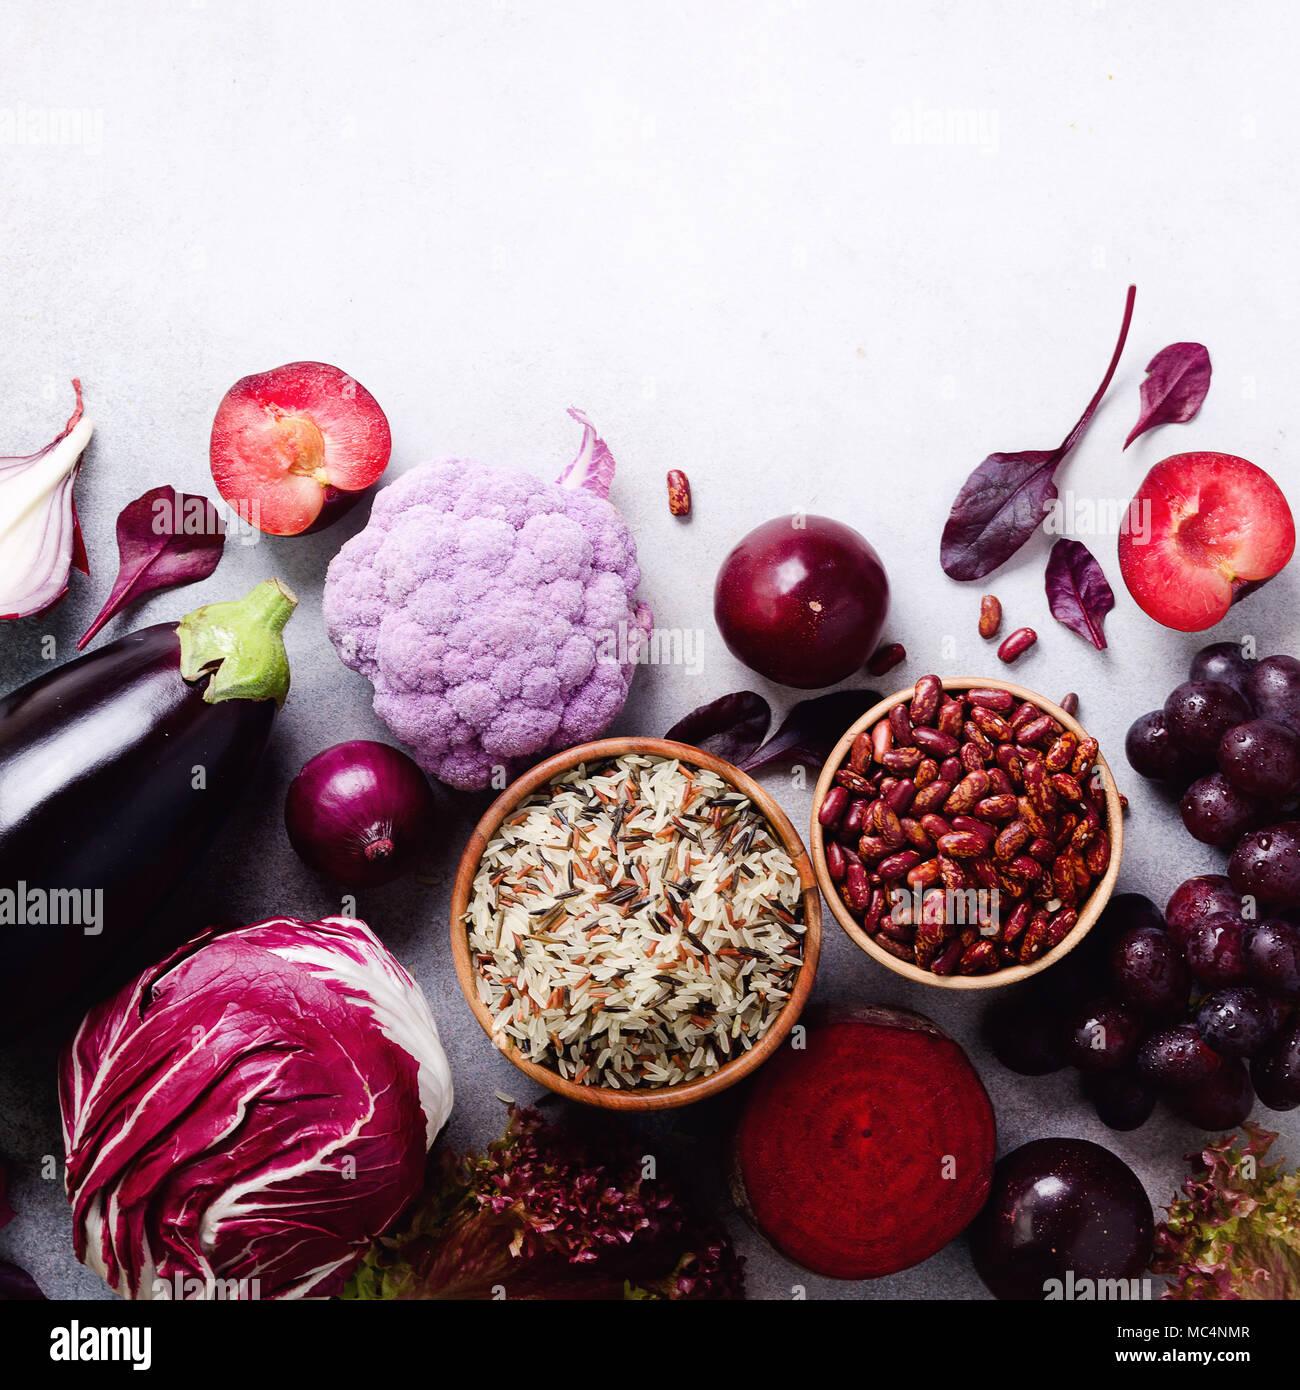 Légumes, fruits violet sur fond gris. Violet aubergine, betterave, chou-fleur, haricots violets, les prunes, l'oignon, le chou, le raisin, le quinoa, le riz. Ingrédients pour la cuisine, l'espace de copie, vue du dessus, télévision lay Photo Stock